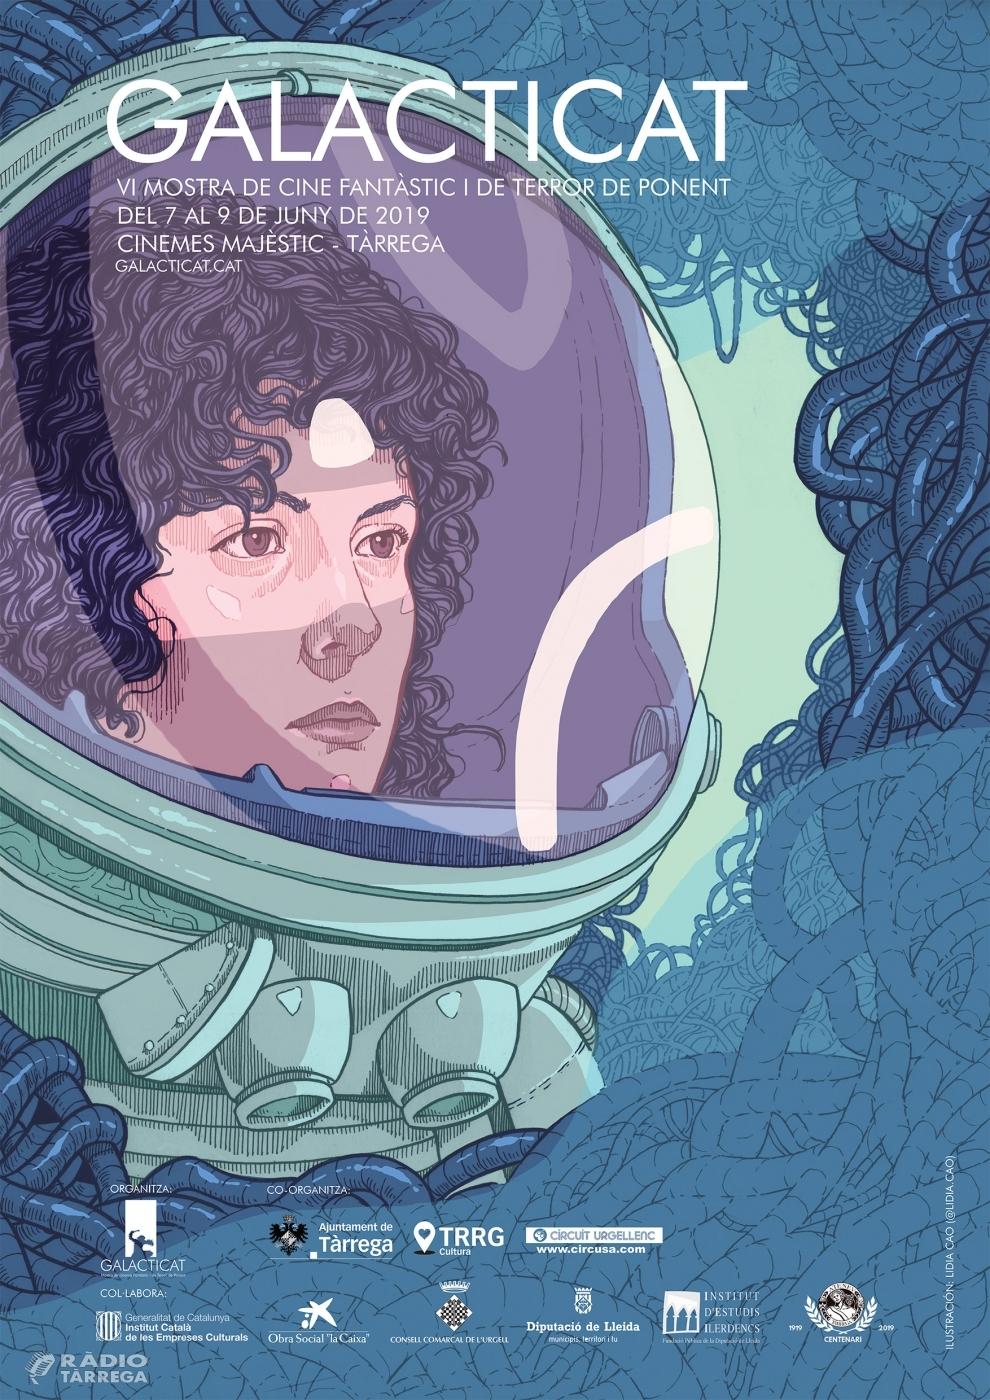 La 6a edició del Galacticat, Mostra de Cinema Fantàstic i de Terror de Ponent, presenta més de 118 pel·lícules del 7 al 9 de juny a Tàrrega, inspirat en 'Alien' i les heroïnes del gènere fantàstic